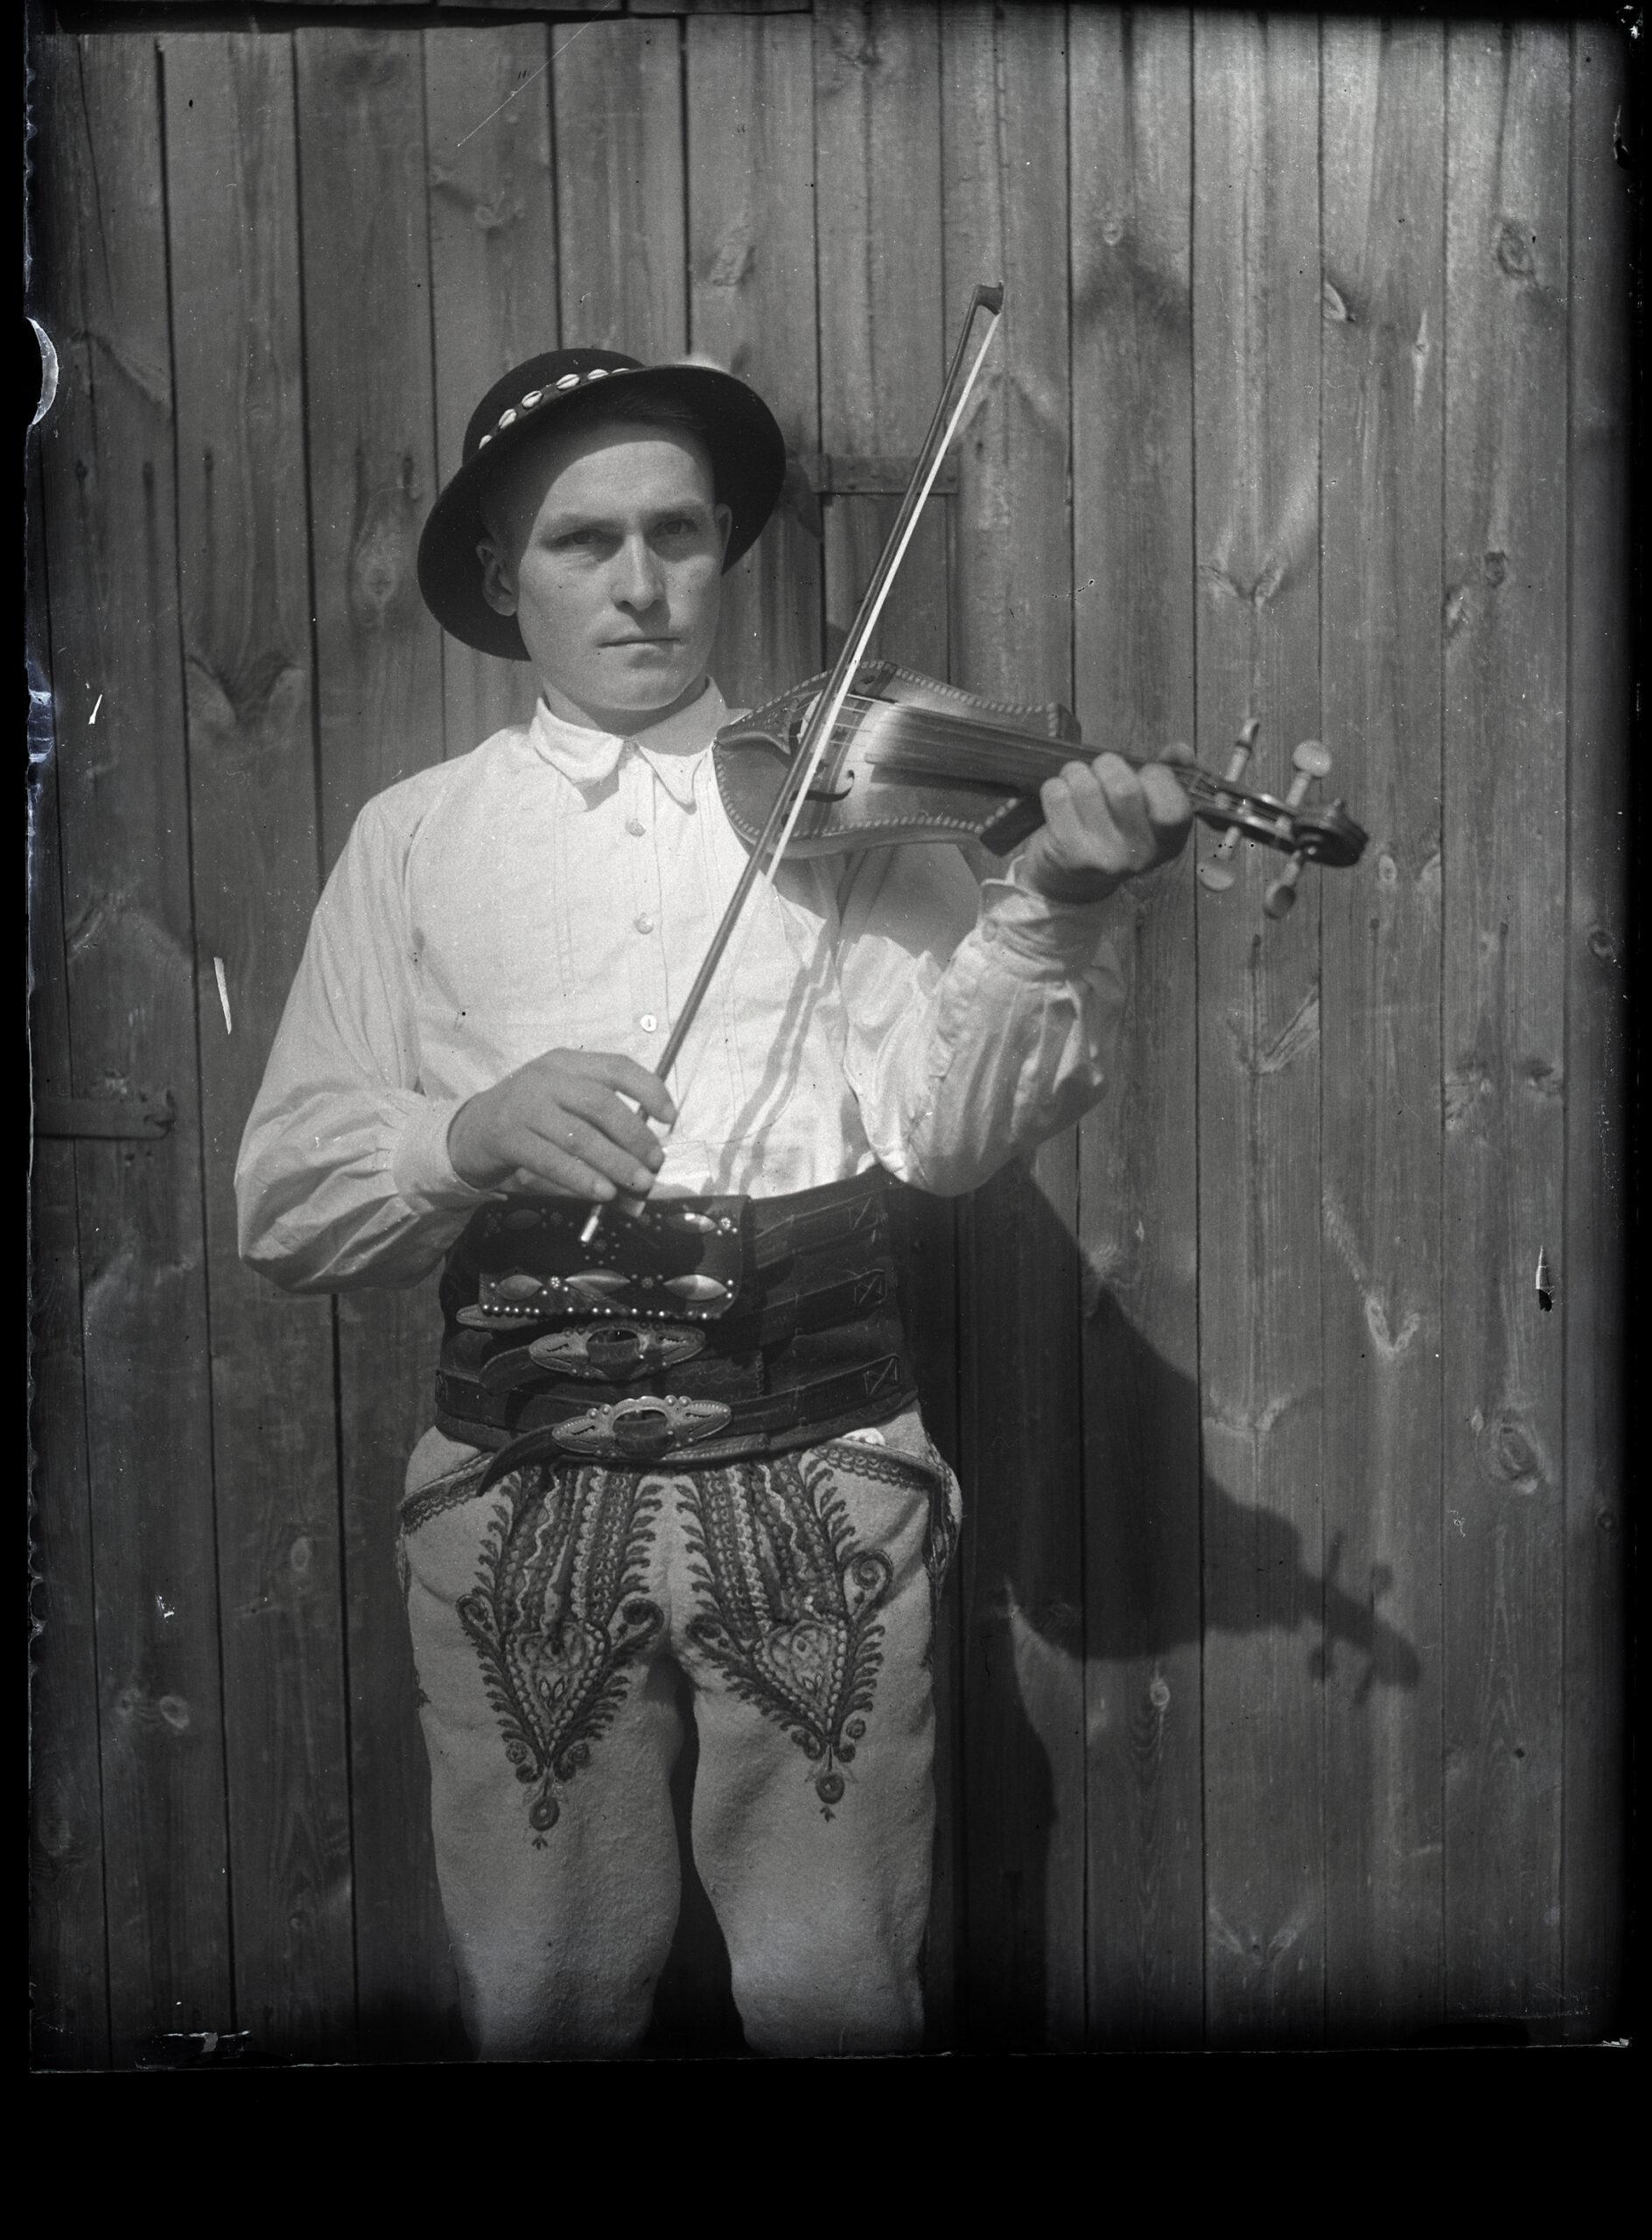 Franciszek Kurzeja w stroju łąckim grający na złóbcokach Józefa Zboźnia na tle drewnianej ściany. Negatyw szklany czarno-biały.